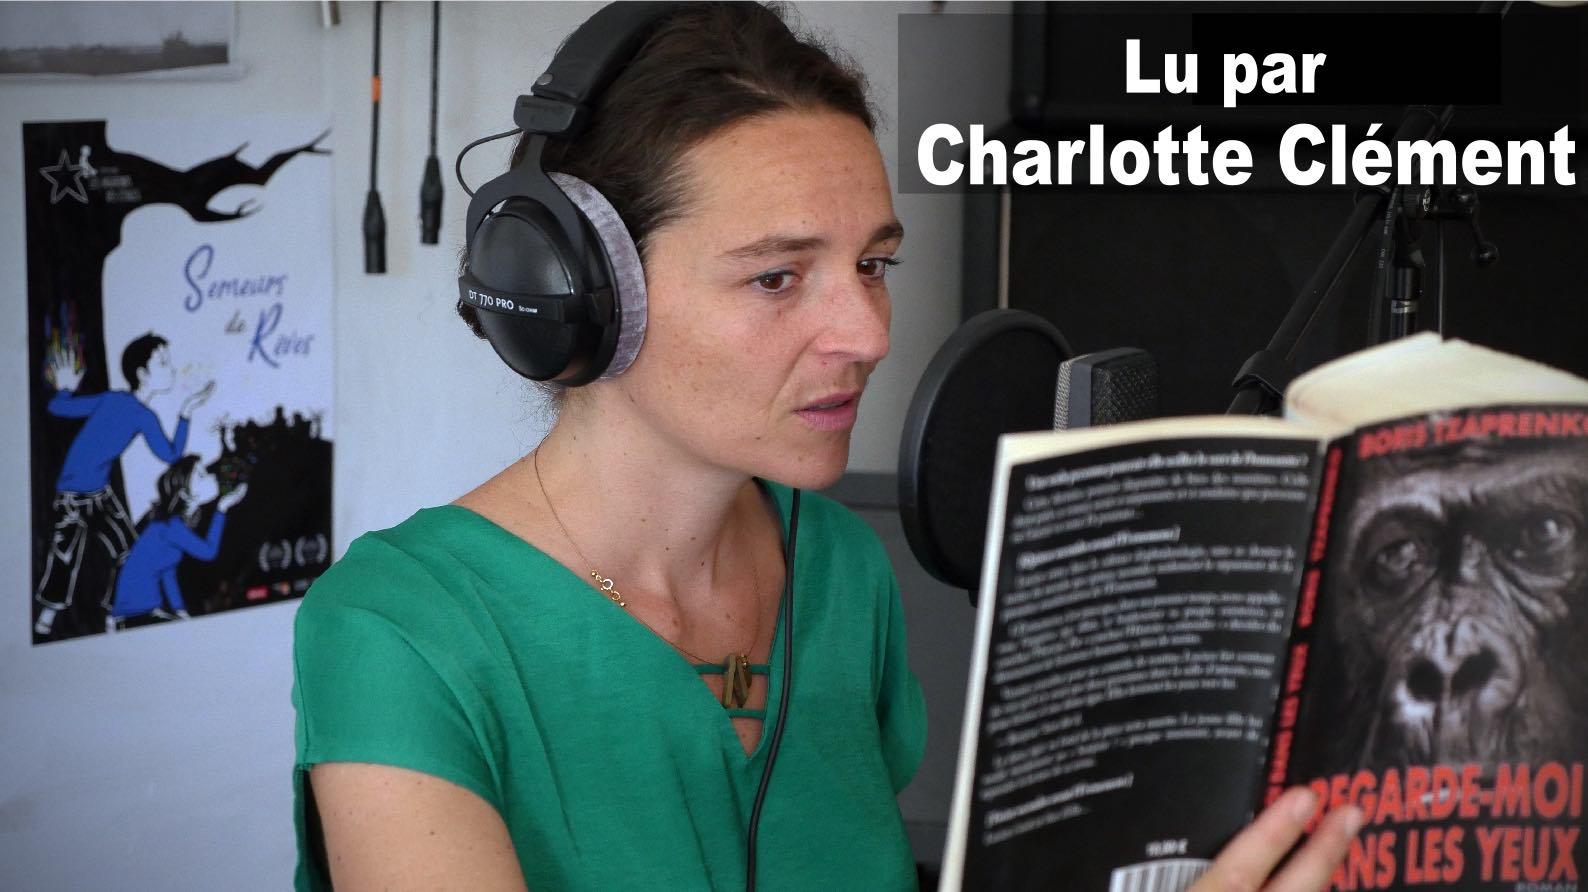 Charlotte Clément